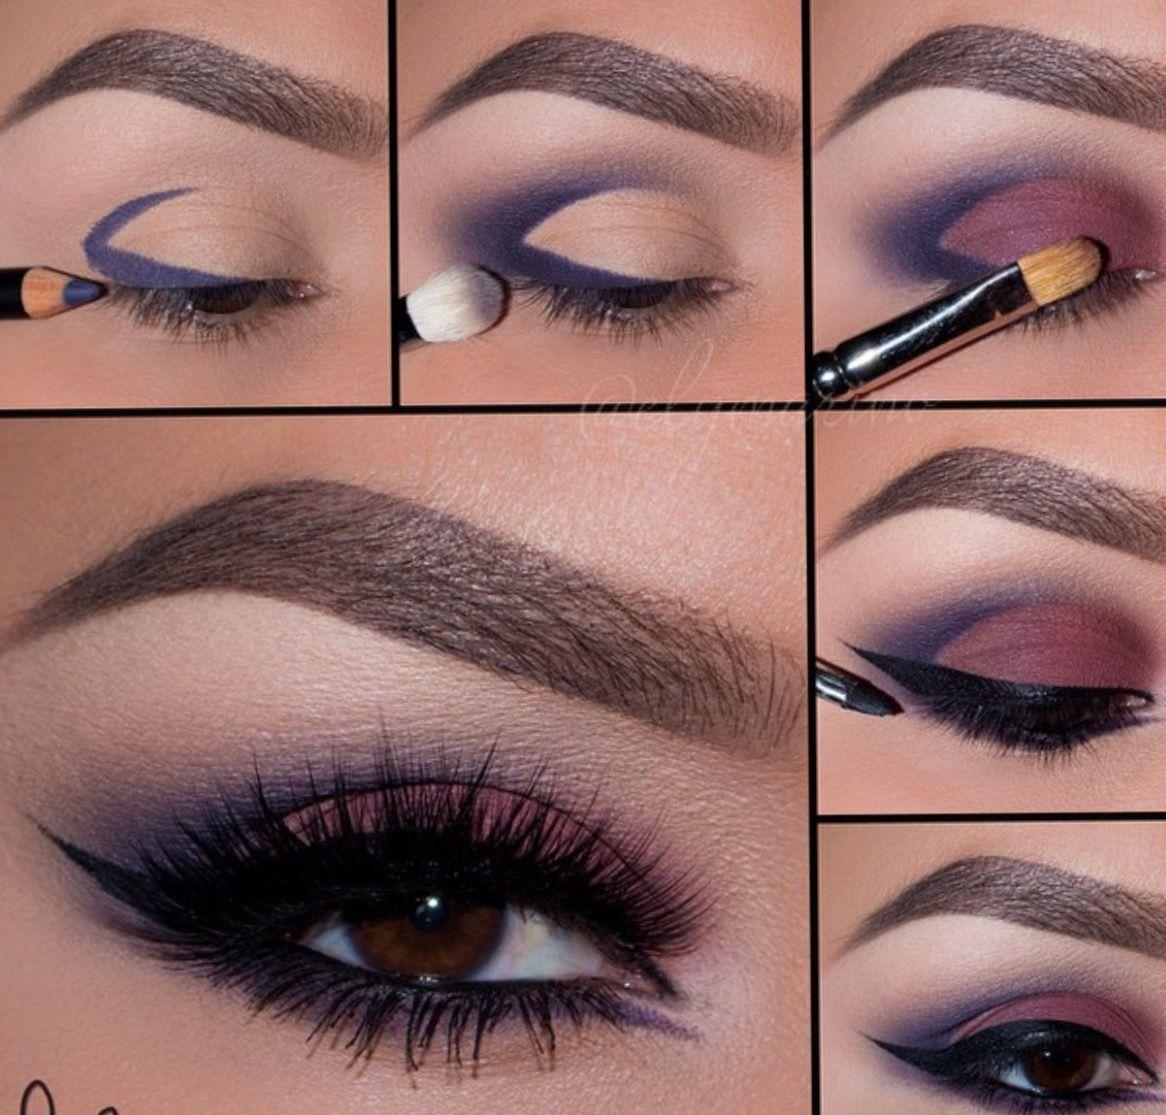 Pin de Tanya Huck Britt en Make-up | Pinterest | Maquillaje ...